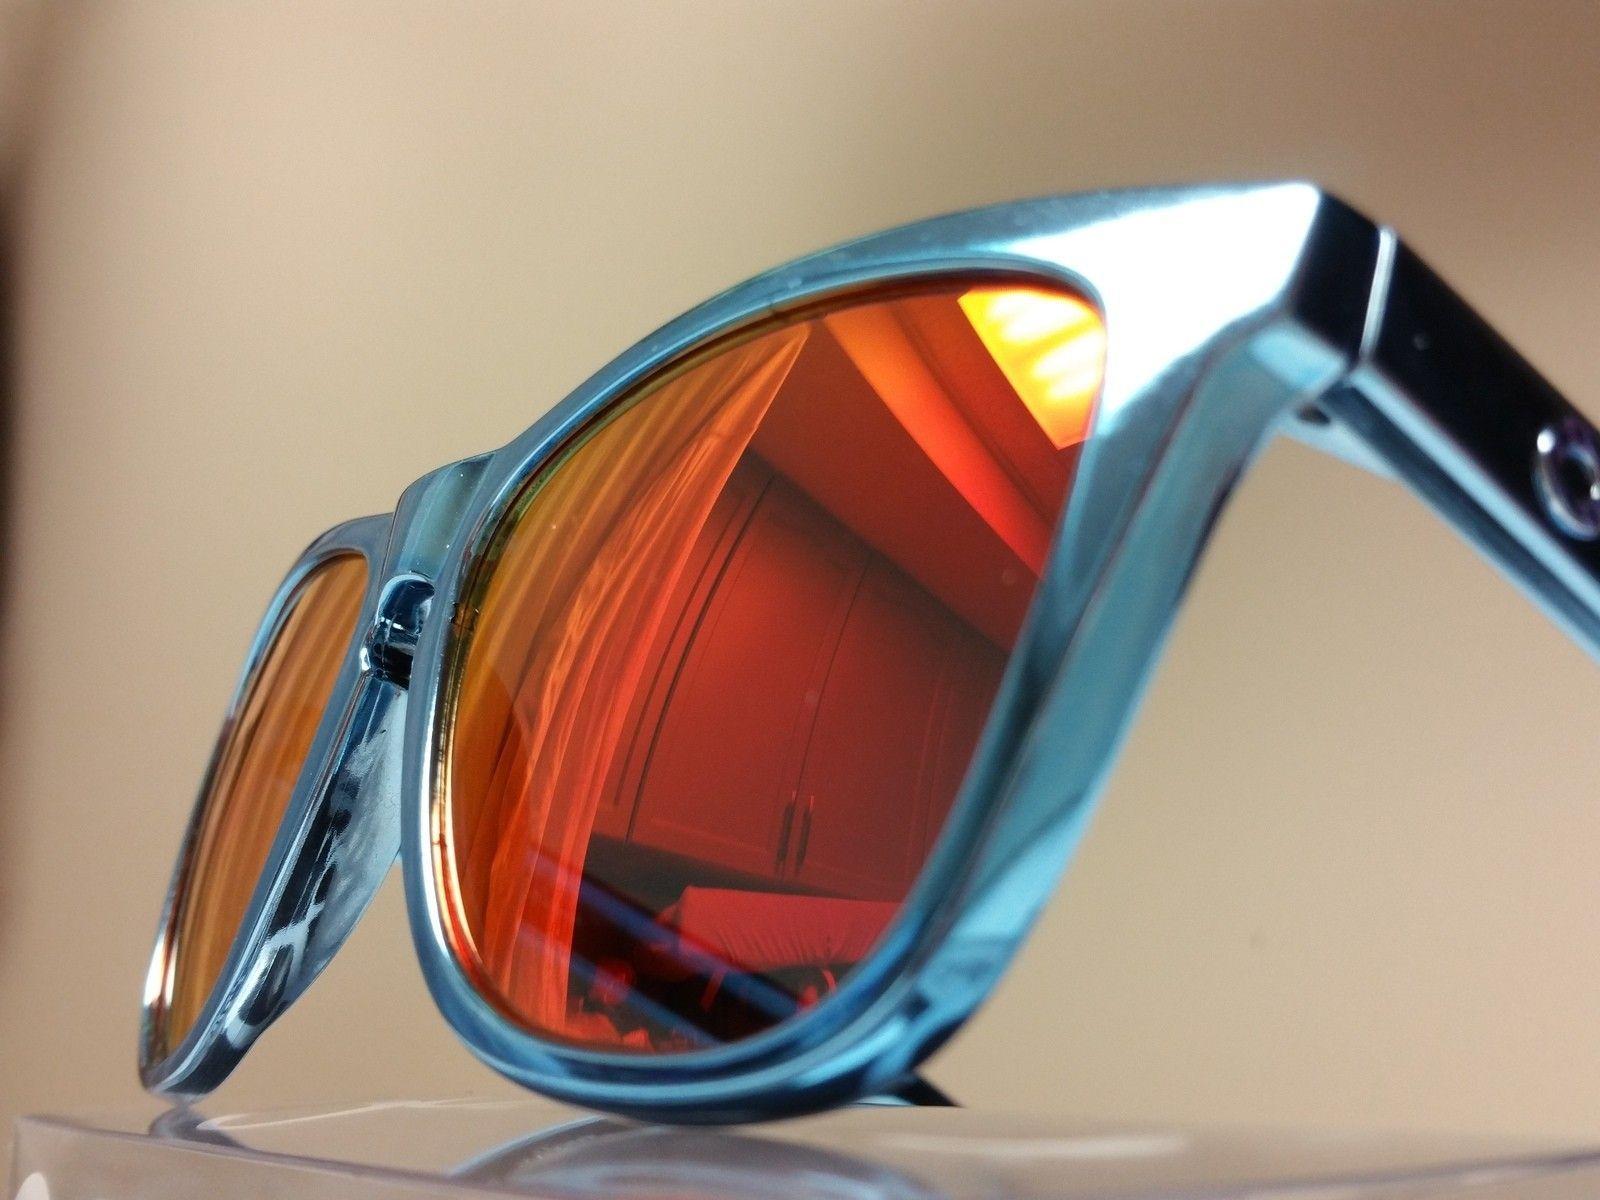 Shaun white blue chrome frogskins - 144972038675859290044.jpg